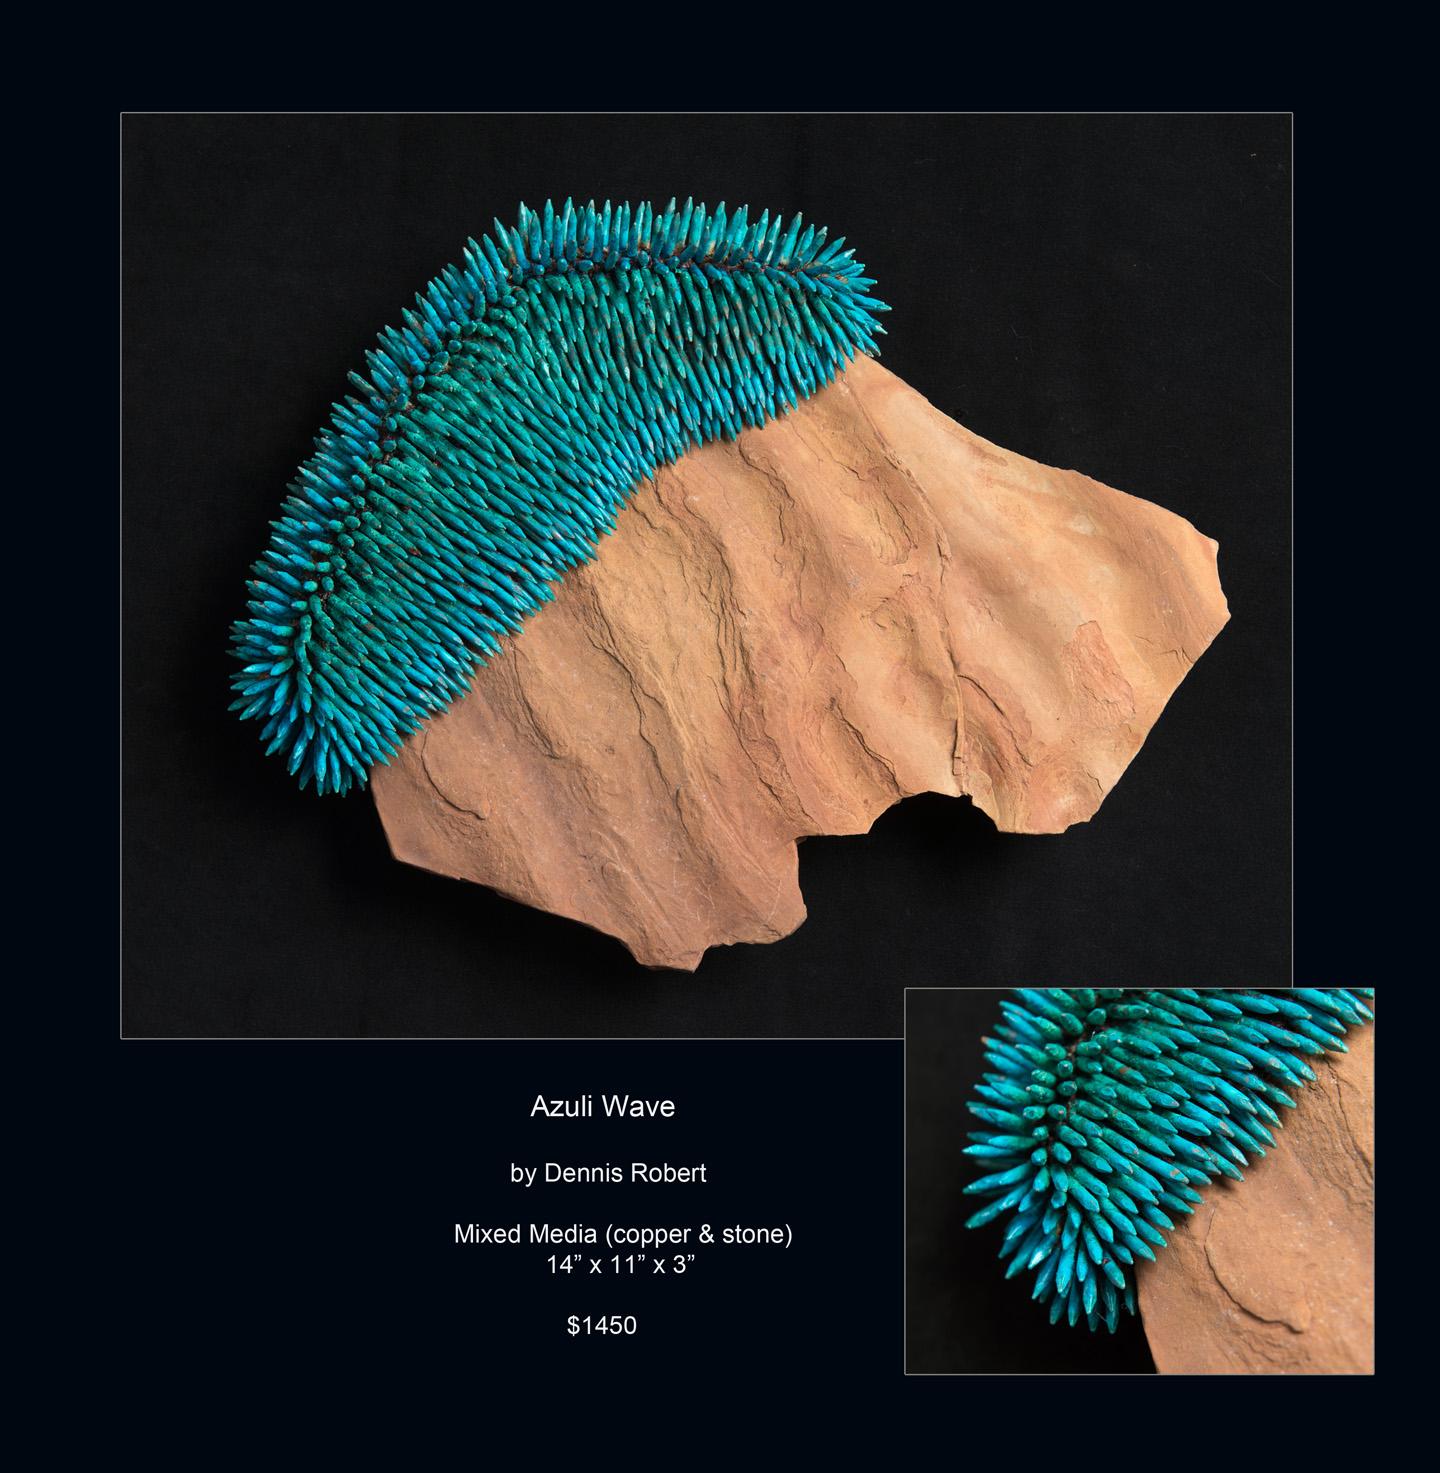 Dennis Robert-Azuli Wave.jpg